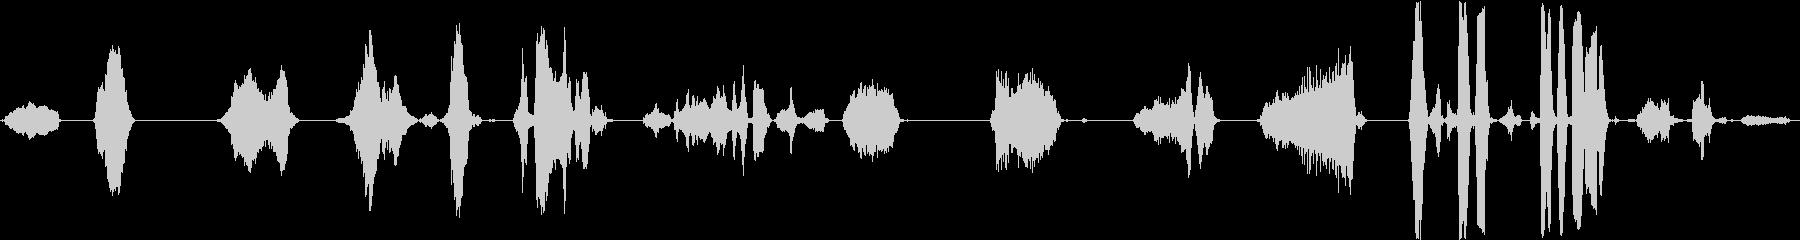 男性:クレイジー・マン・グランティ...の未再生の波形